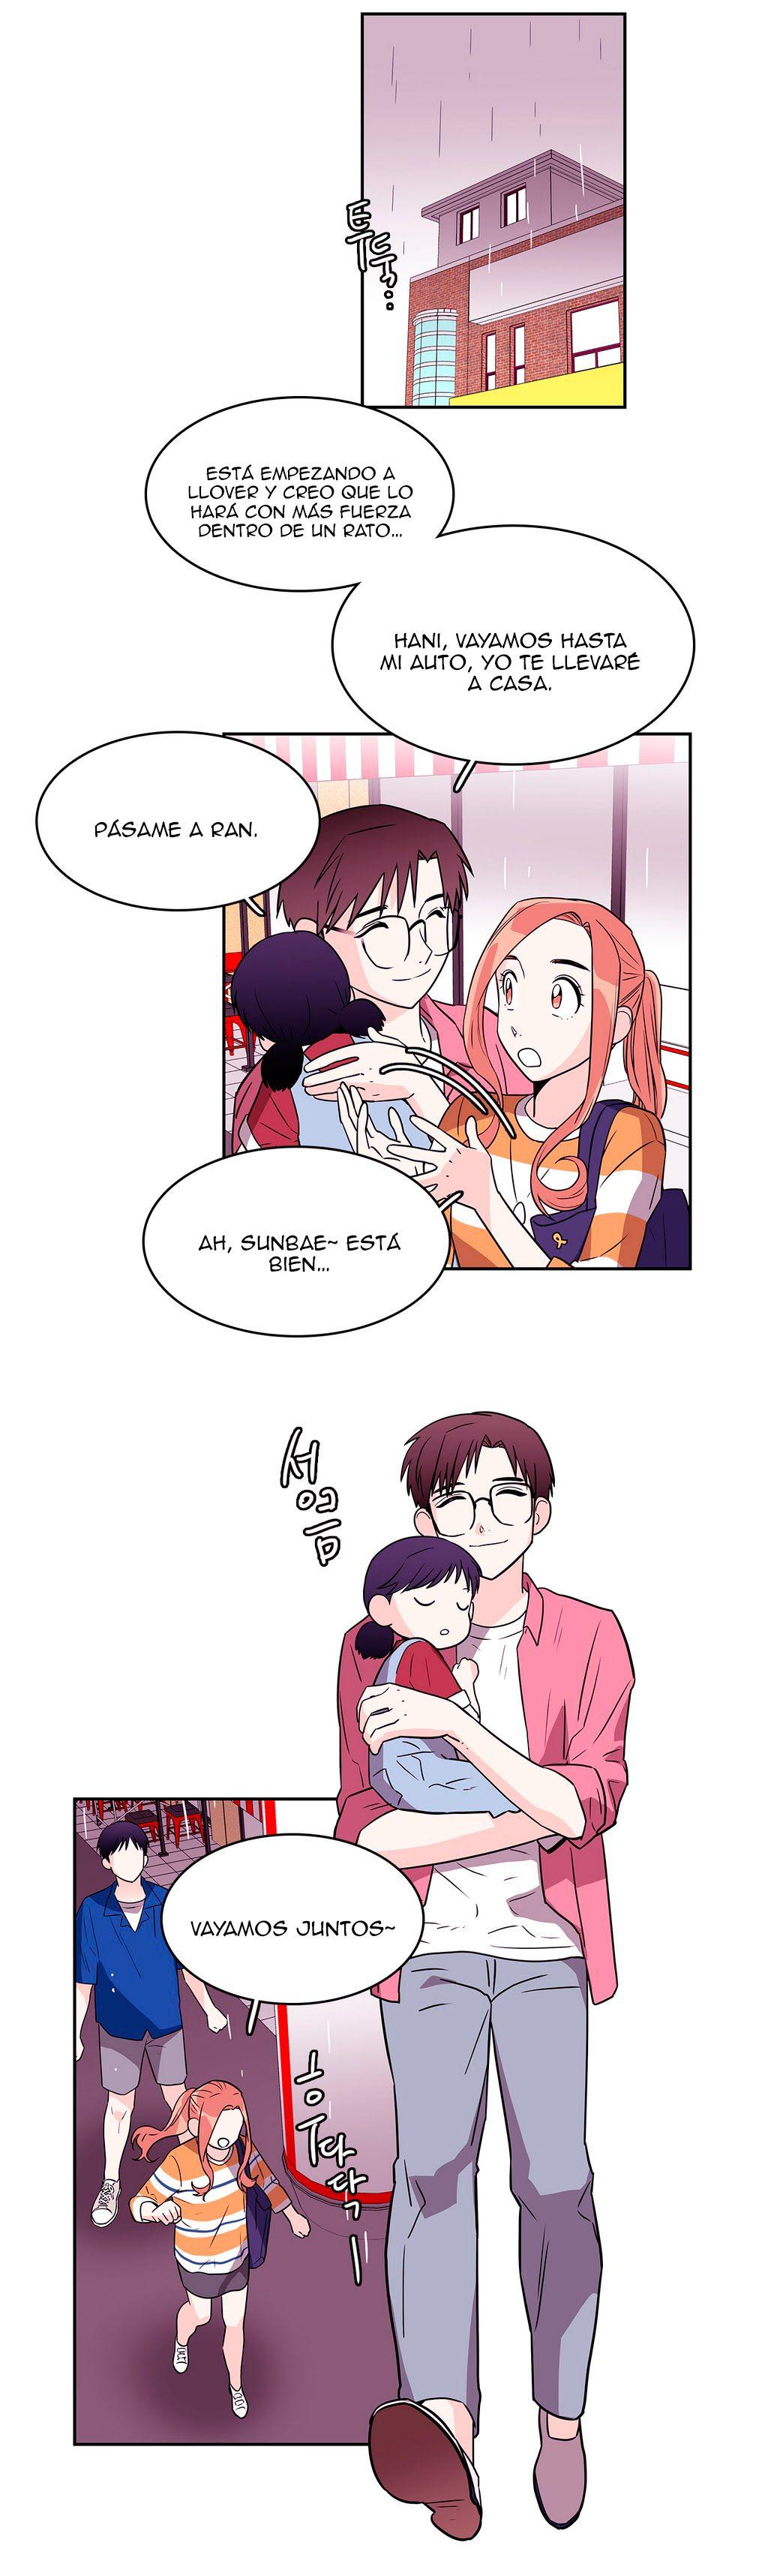 http://c5.ninemanga.com/es_manga/pic2/51/19443/510675/2ce650dace8cc03e571c300512d95292.jpg Page 7